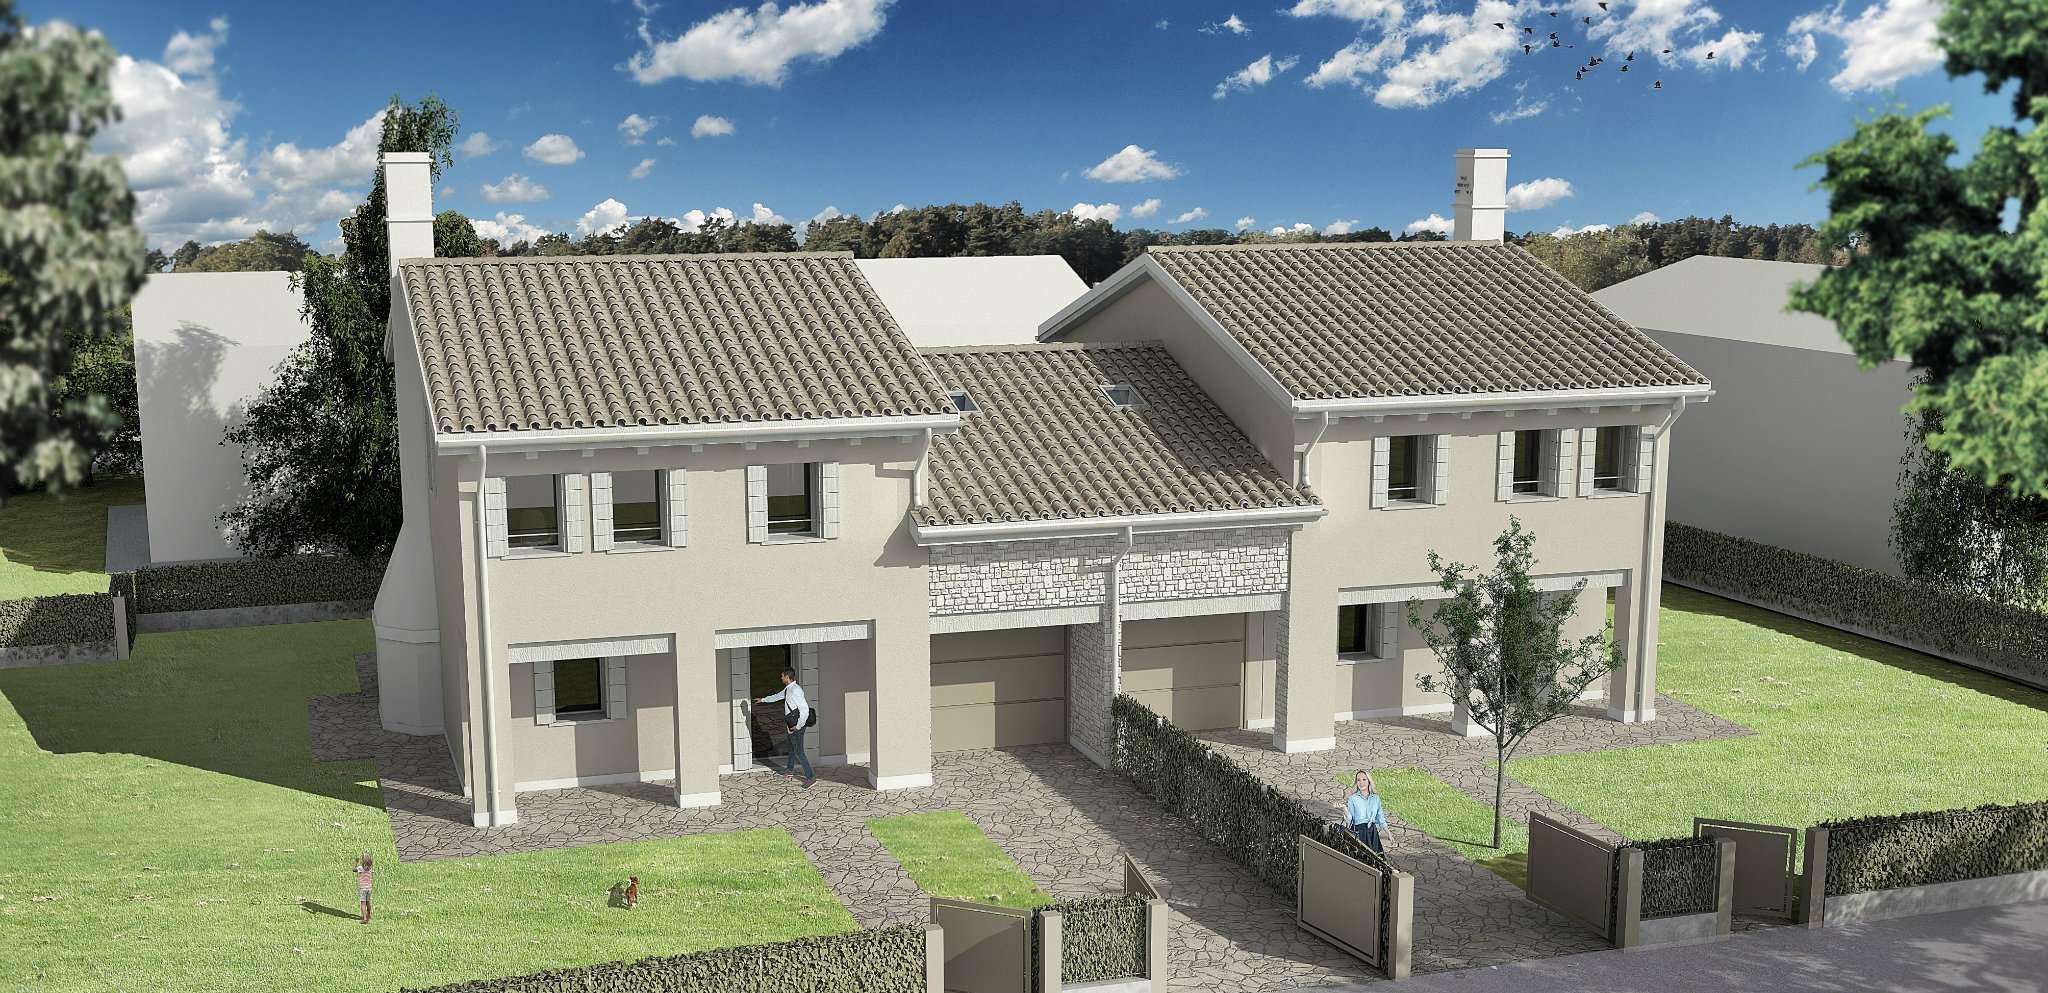 Villa in vendita a Salzano, 7 locali, prezzo € 310.000 | CambioCasa.it